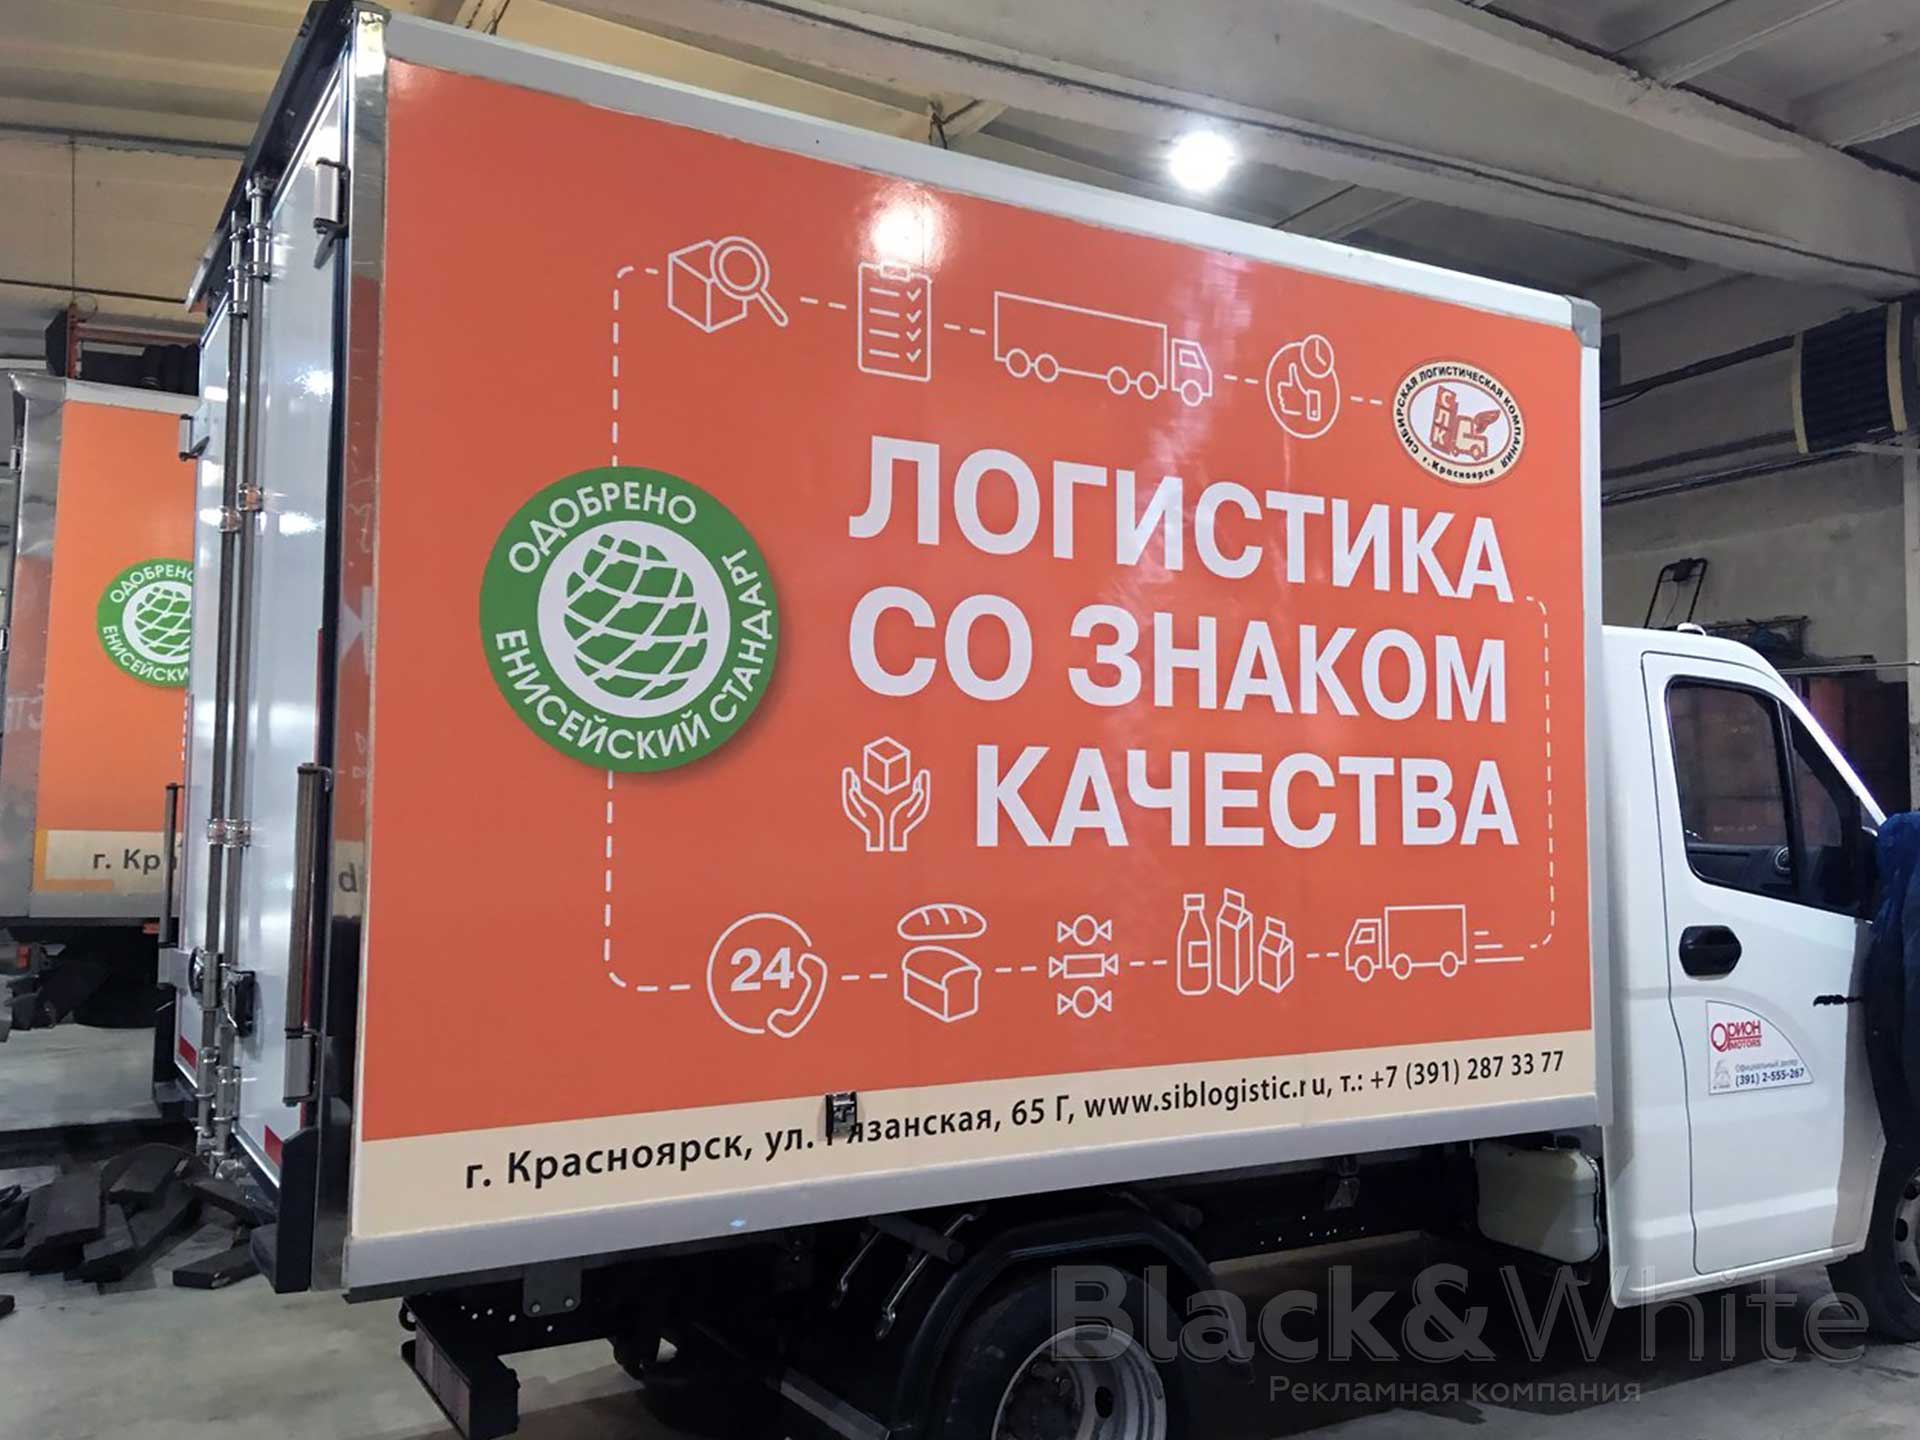 Брендирование-грузовых-автомобилей-виниловой-плёнкой-в-красноярске-bw..jpg